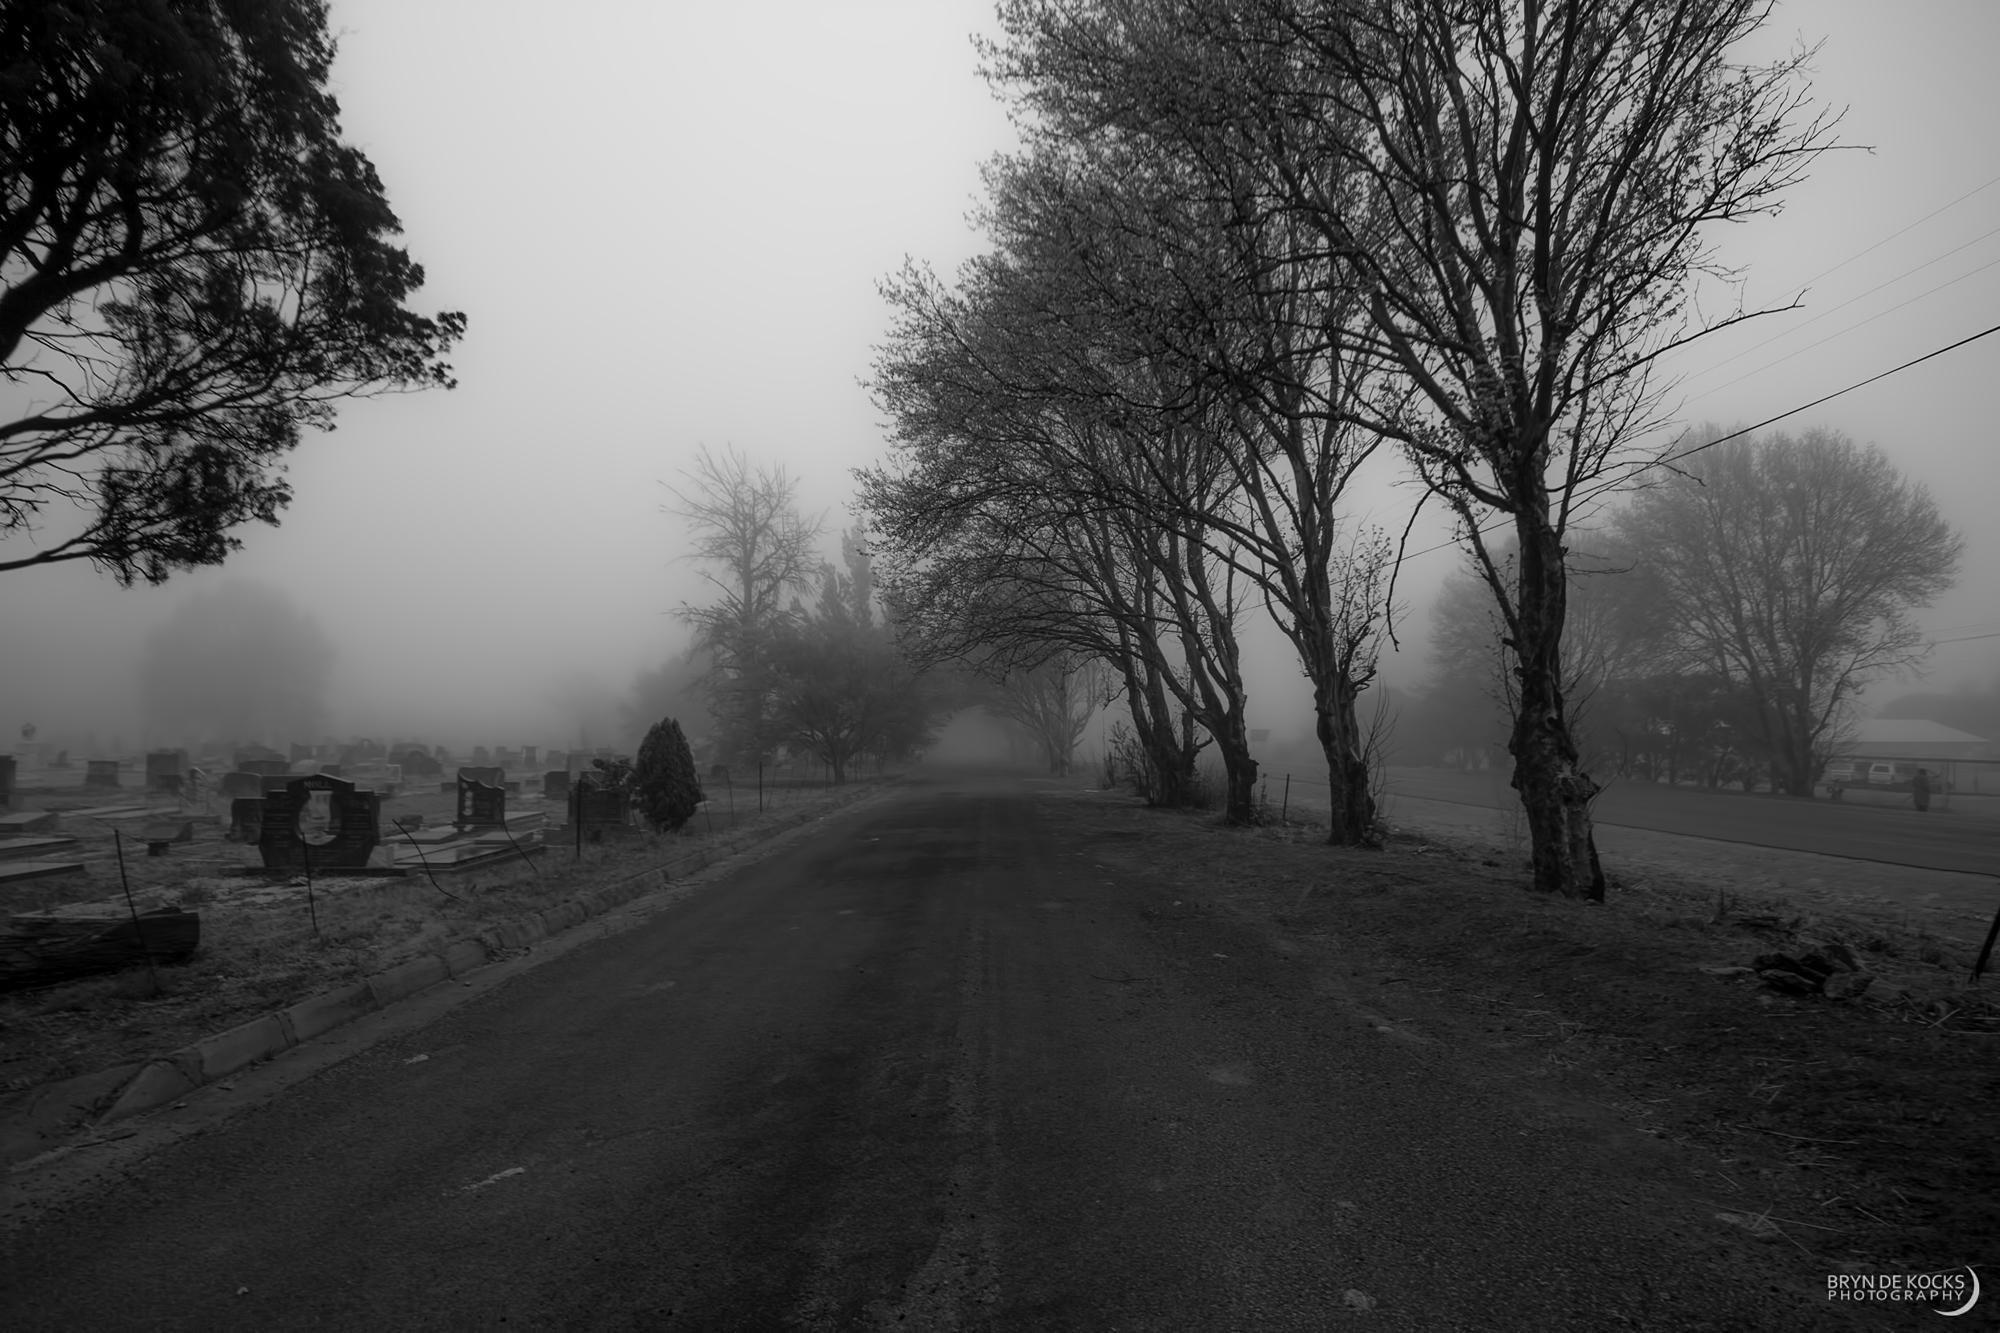 dark misty graveyard